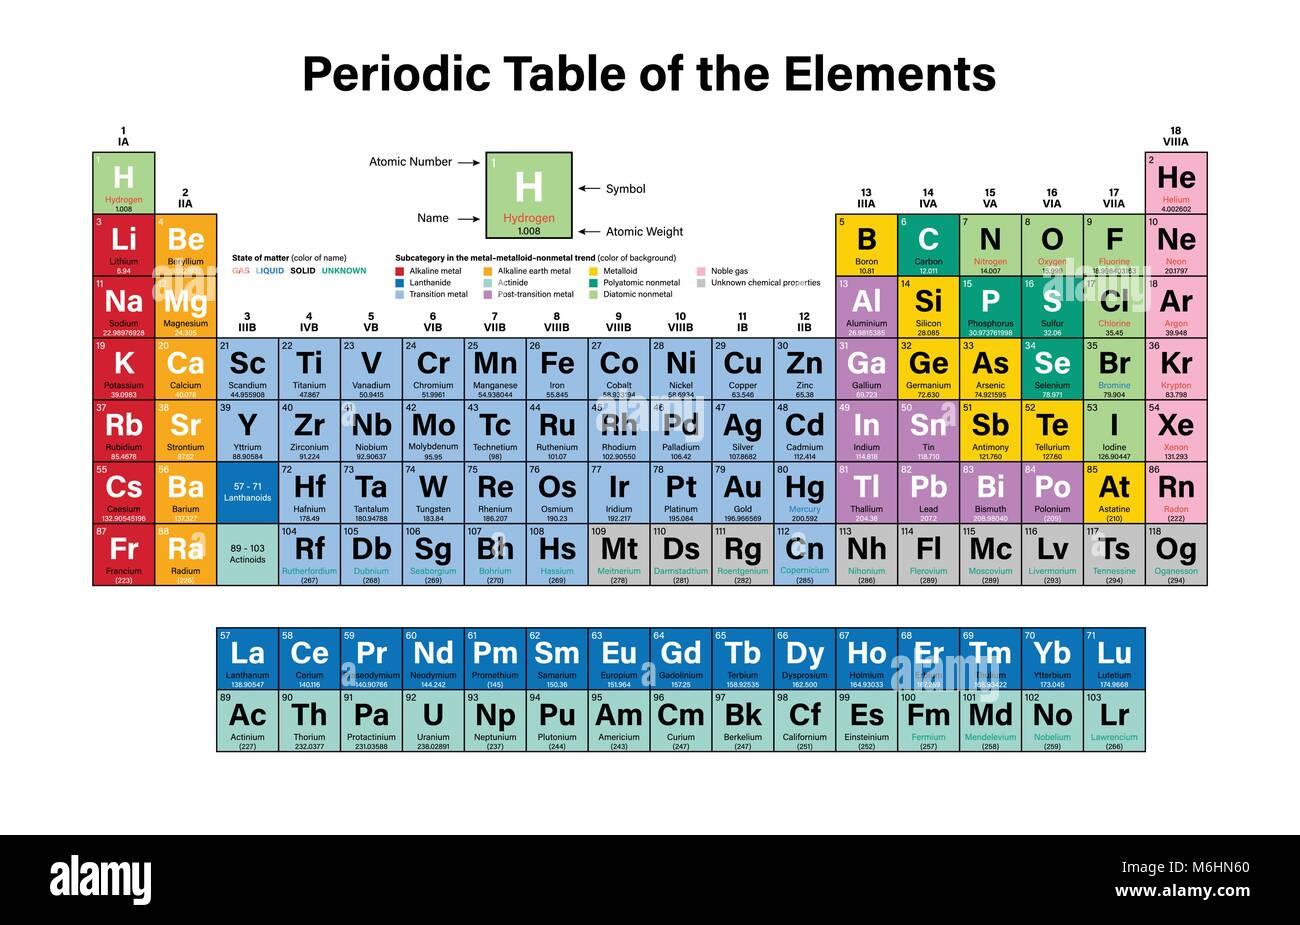 Tavola periodica degli elementi colorati illustrazione vettoriale tavola periodica degli elementi colorati illustrazione vettoriale mostra numero atomico simbolo nome e peso atomico urtaz Images